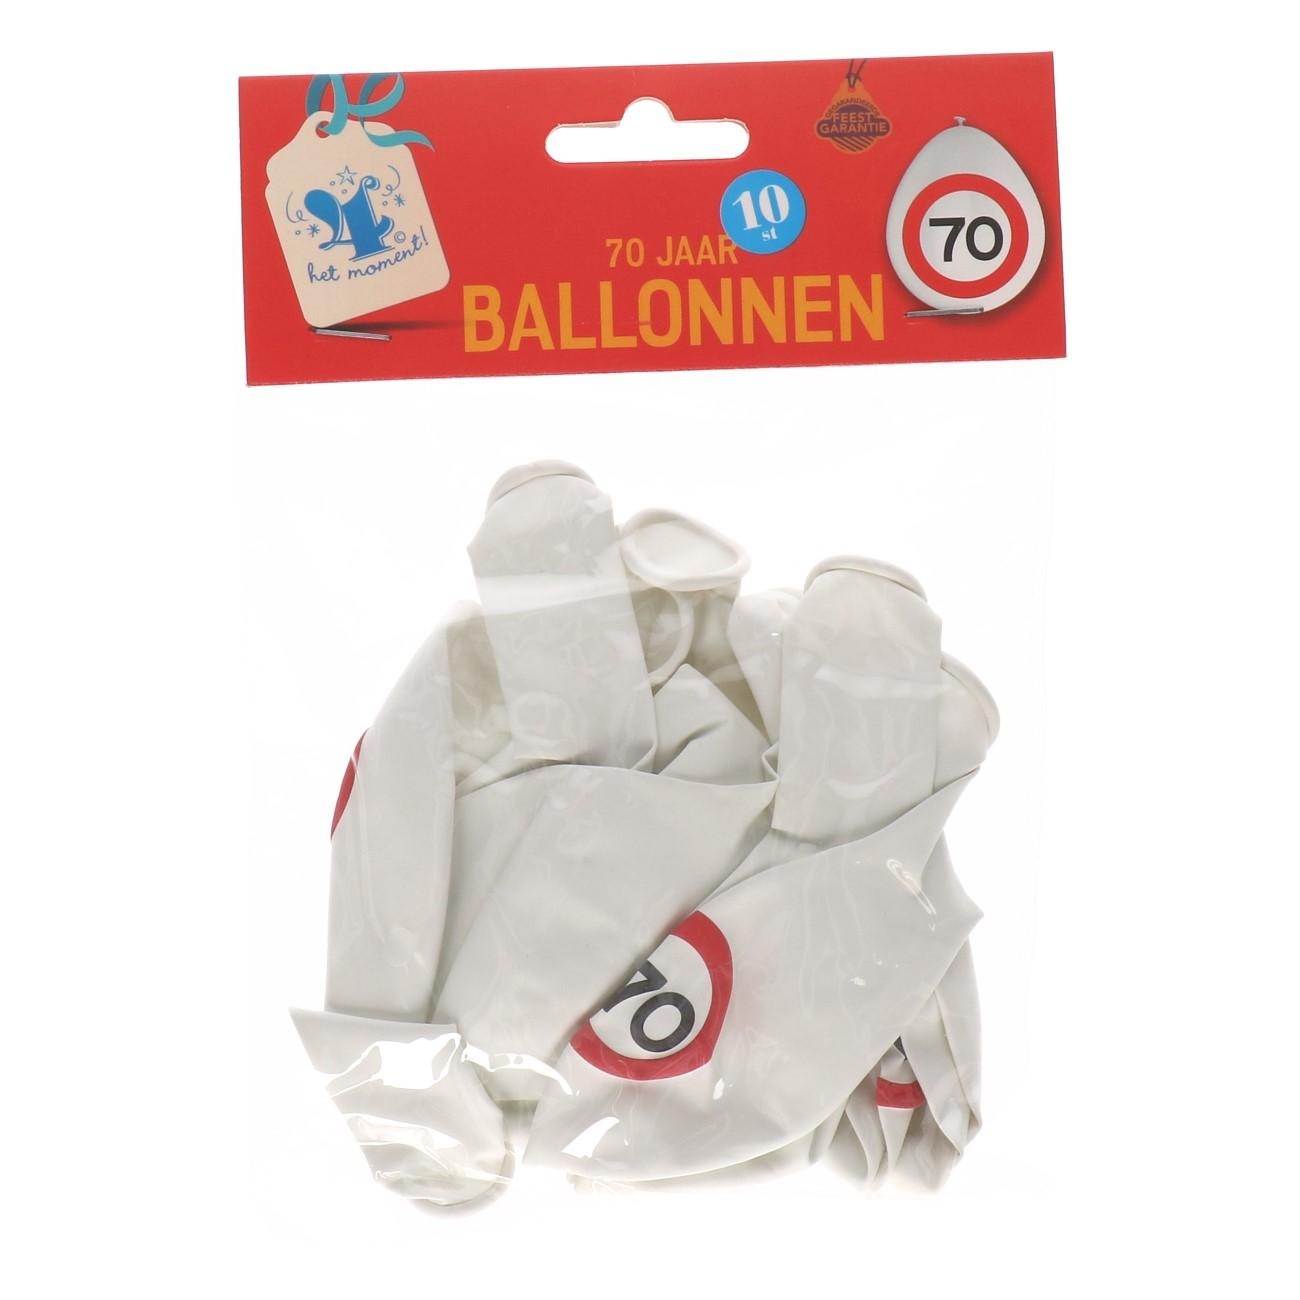 Ballonnen 70 jaar 10 stuks verkeersbord